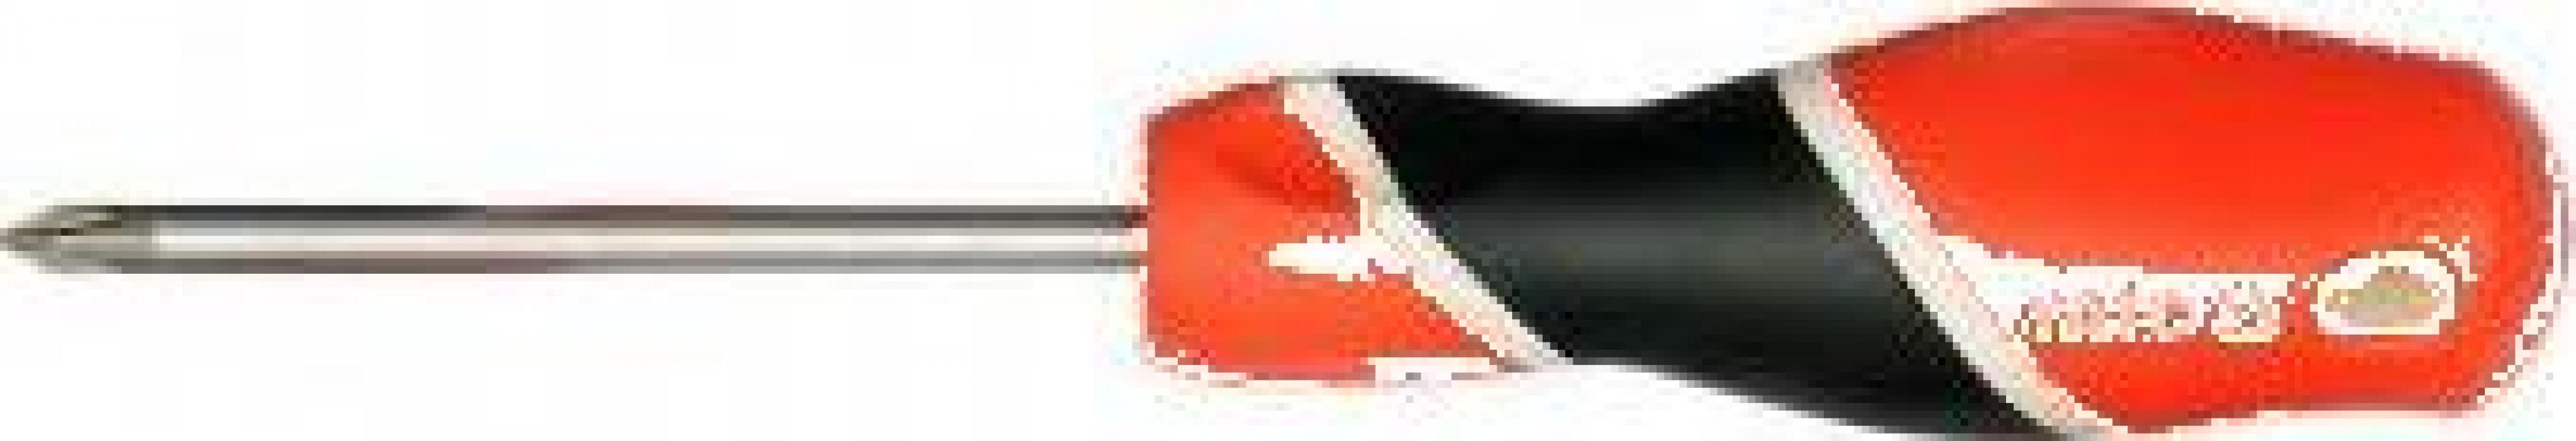 Surubelnita PH2, 100 mm, Yato YT-25929